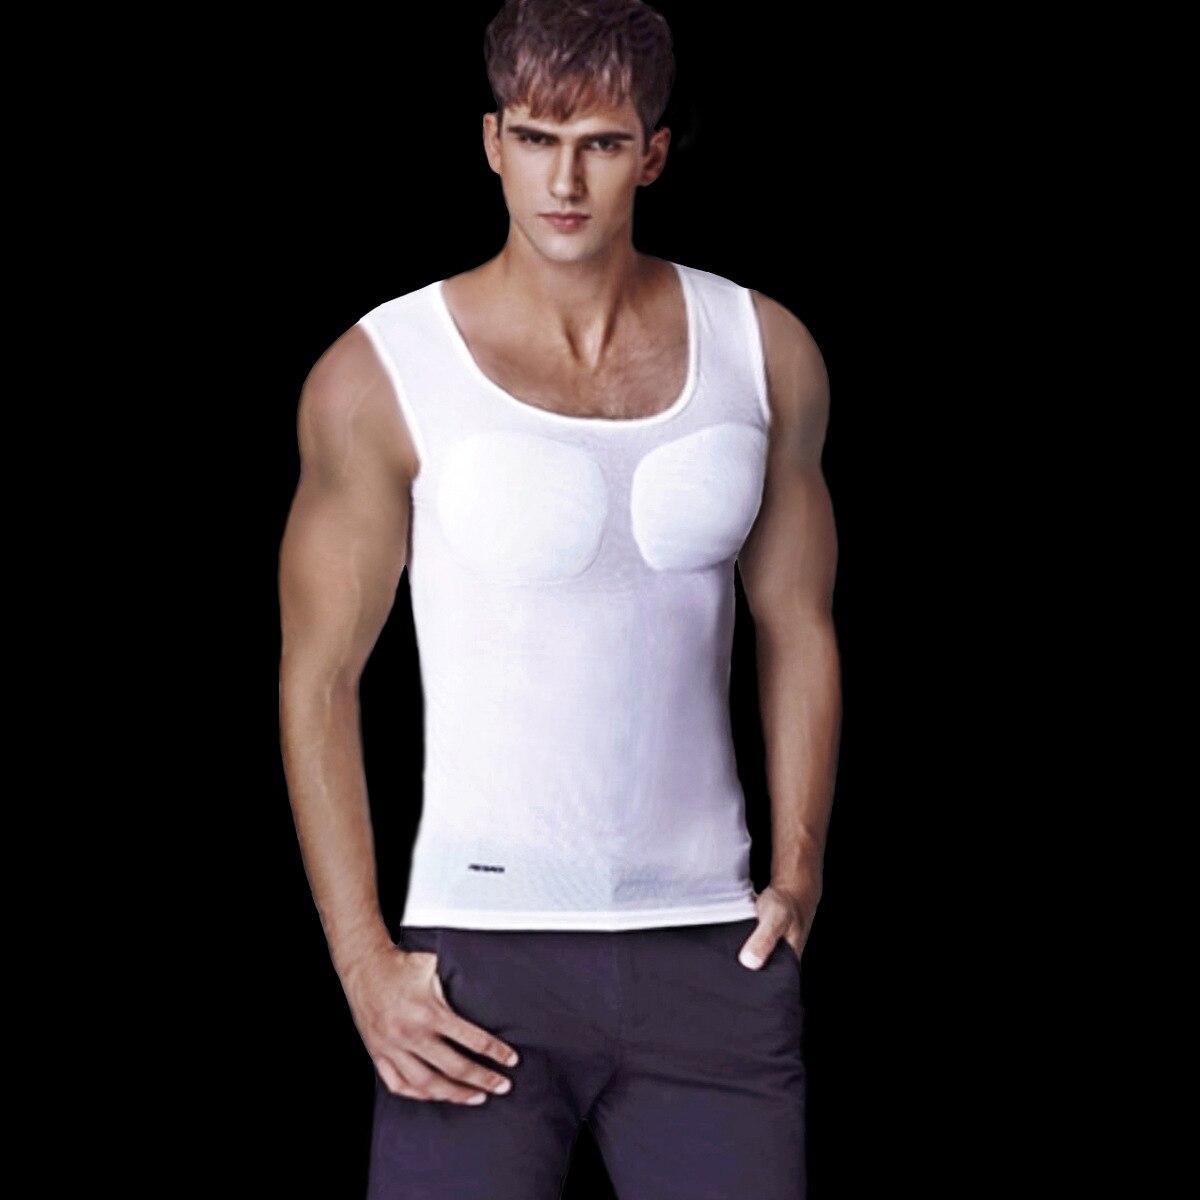 Pecs Muscle Vest Men Padded Body Shaper Male Bodybuilding T Shirt Tummy Underwear Beer Belly Tank Tops